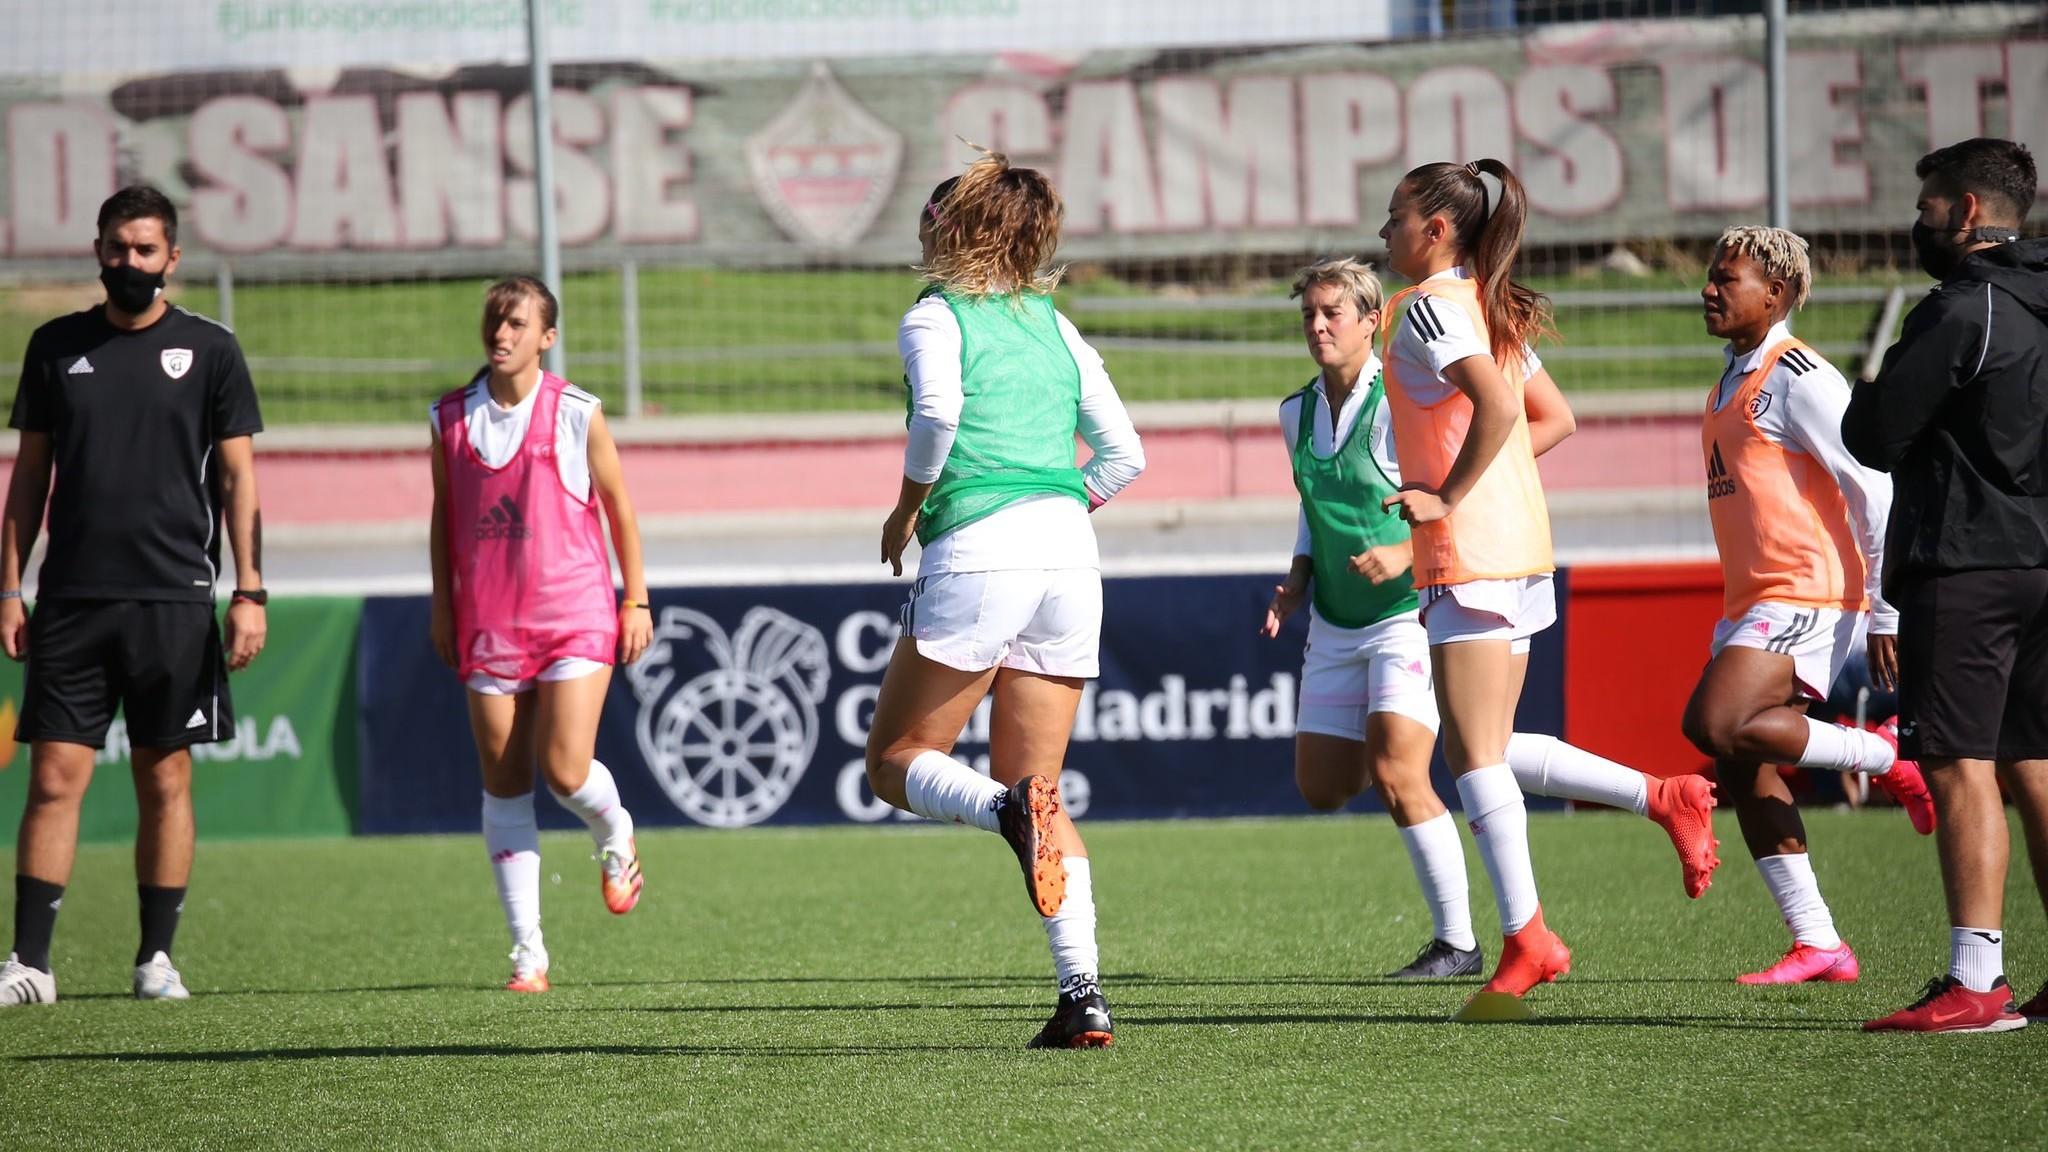 Las jugadoras del Madrid CFF realizan ejercicios de calentamiento...